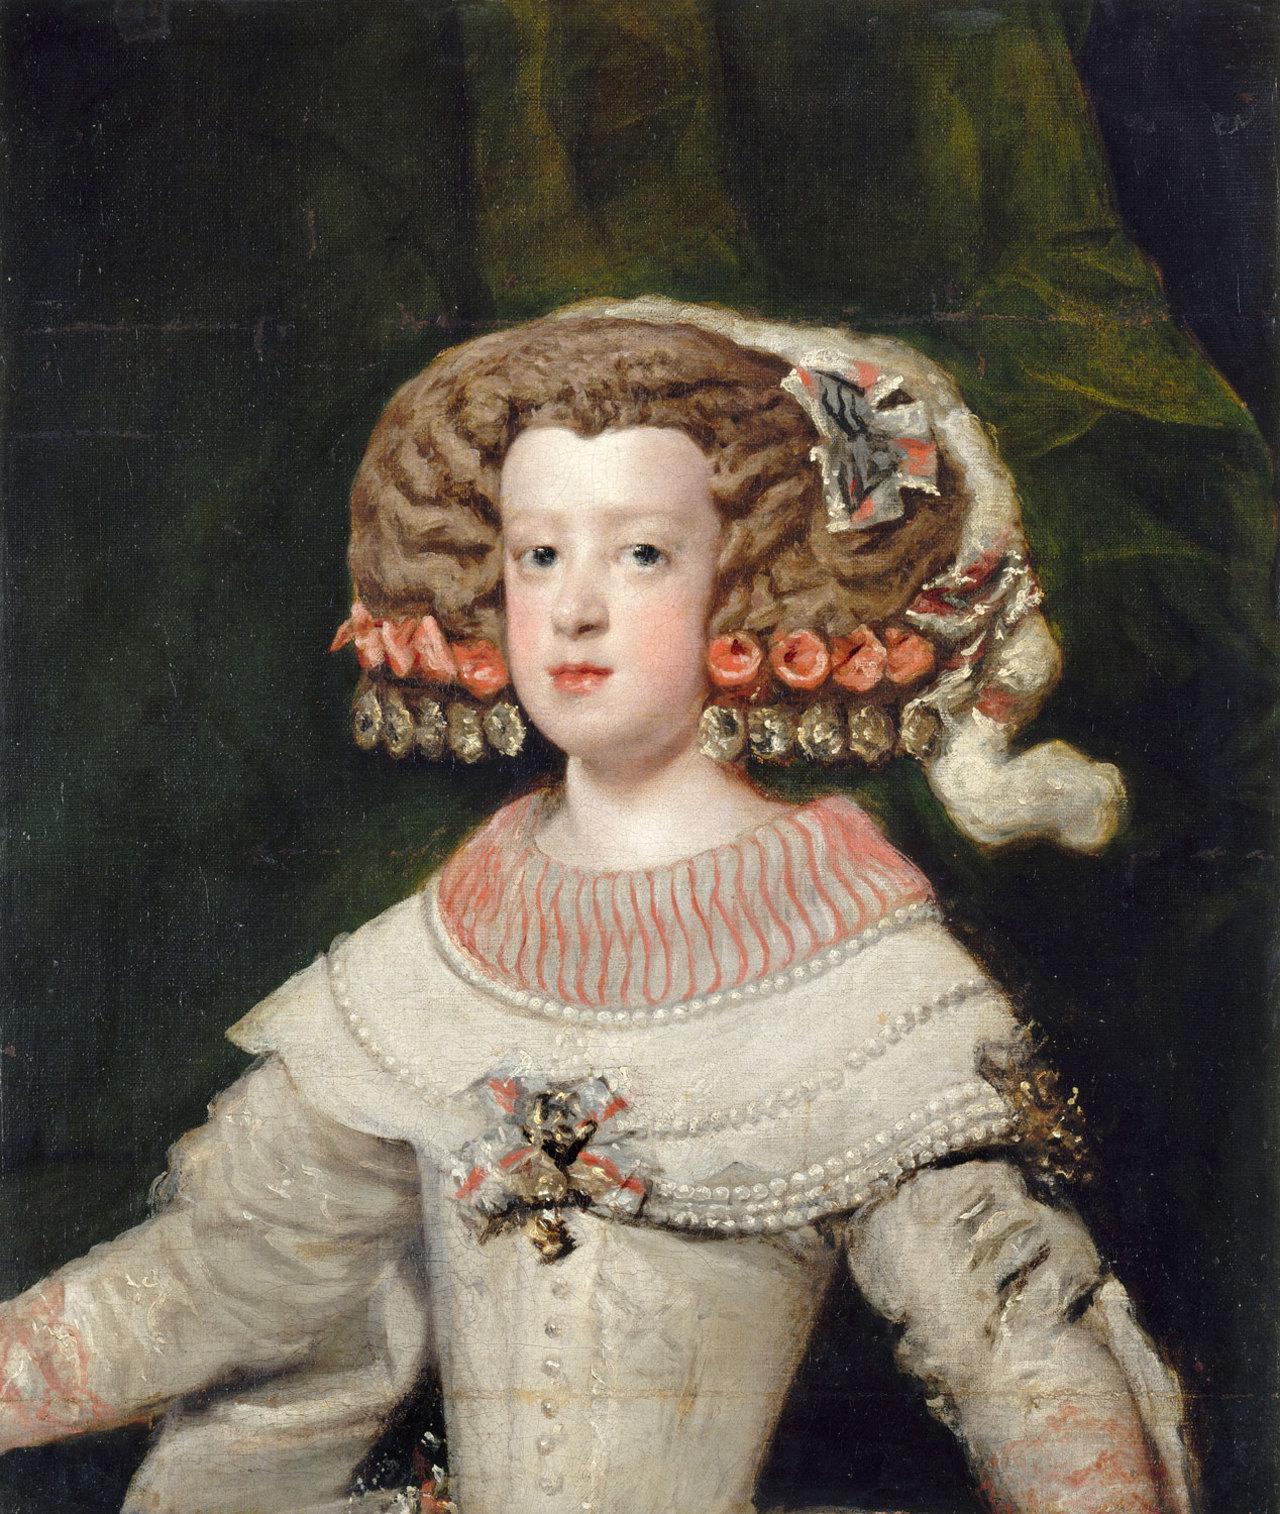 L'Infante Marie-Thérèse, future reine de France